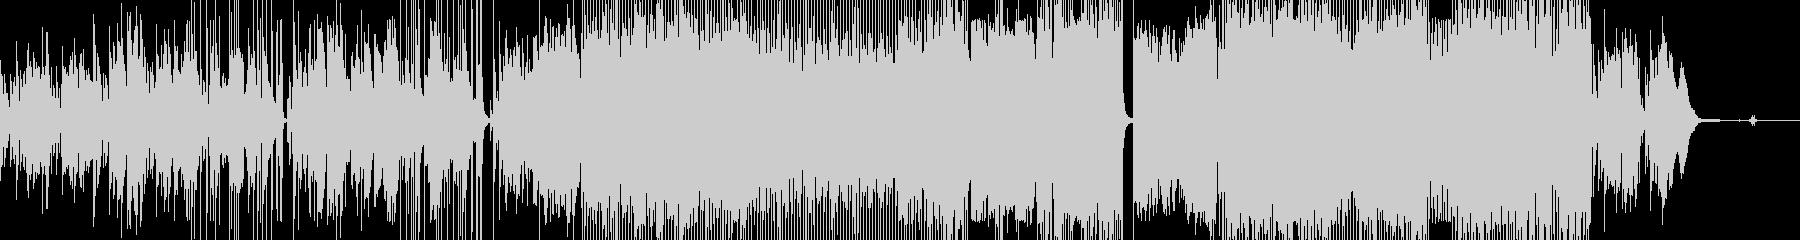 カルテットの未再生の波形